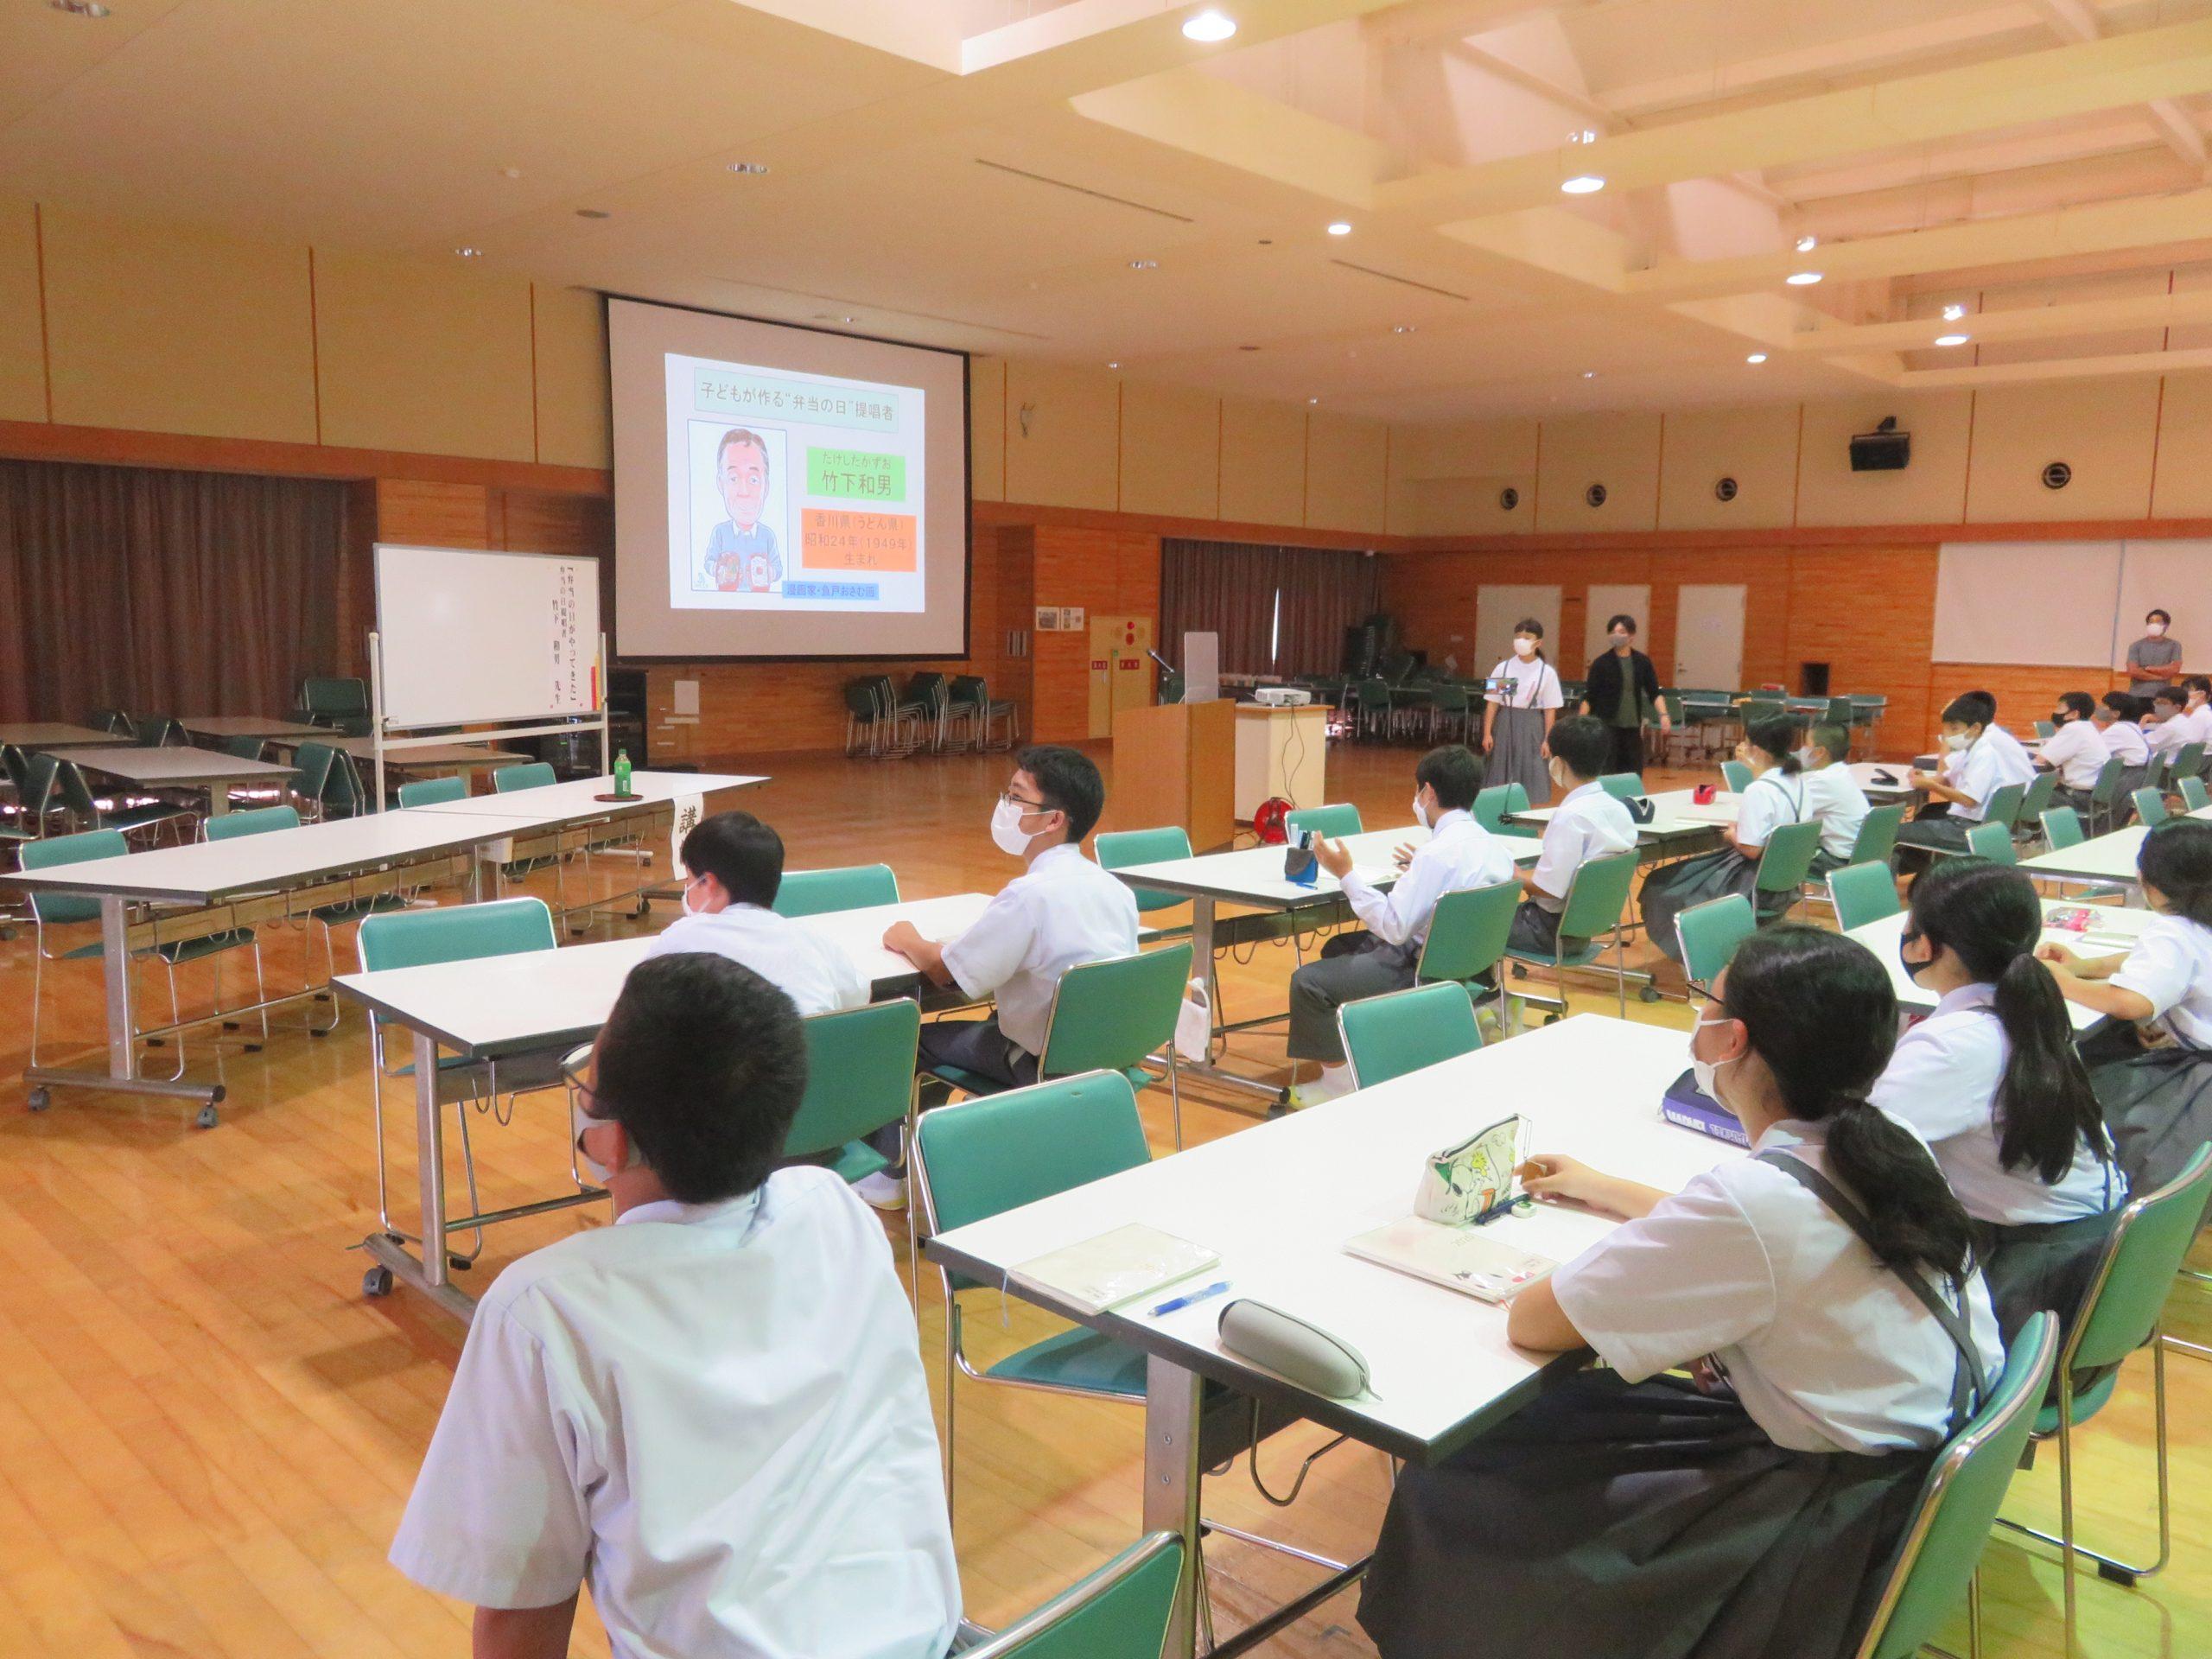 〈福岡県〉糸島市立志摩中学校